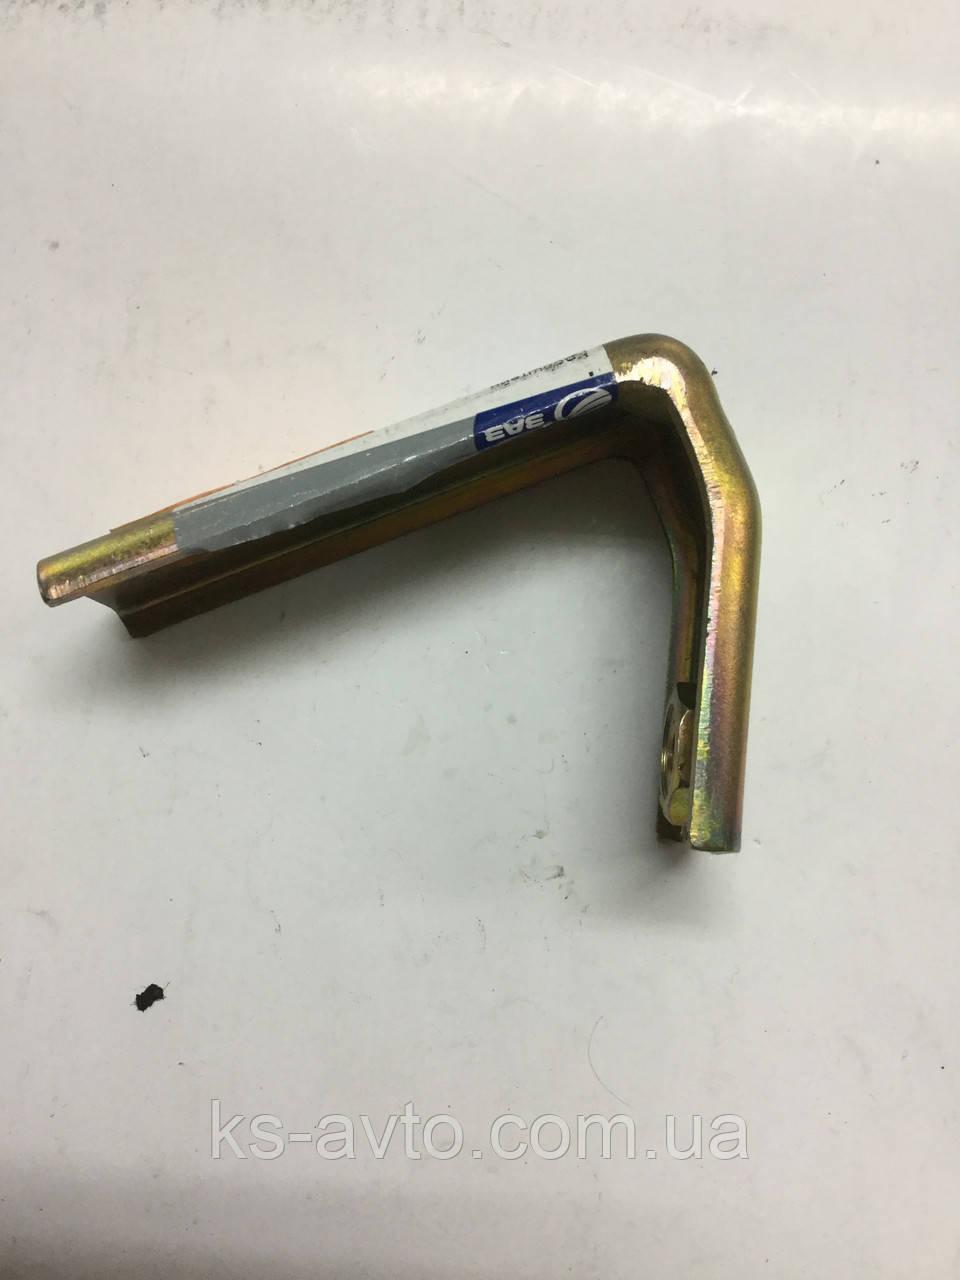 Кронштейн приемной трубы (штанов) Ланос 1.4 ЗАВОД